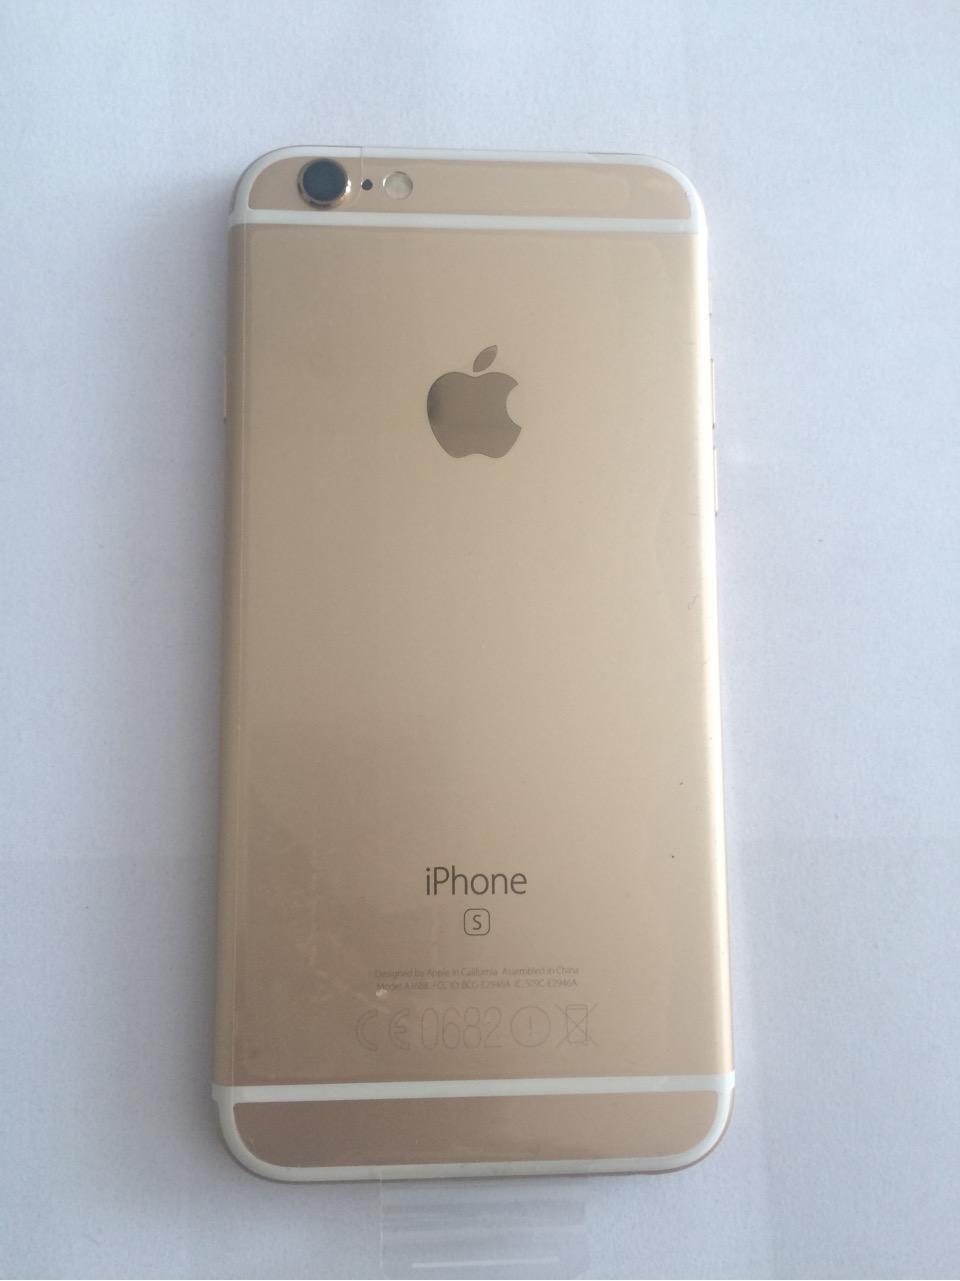 фото айфон 6s золотой